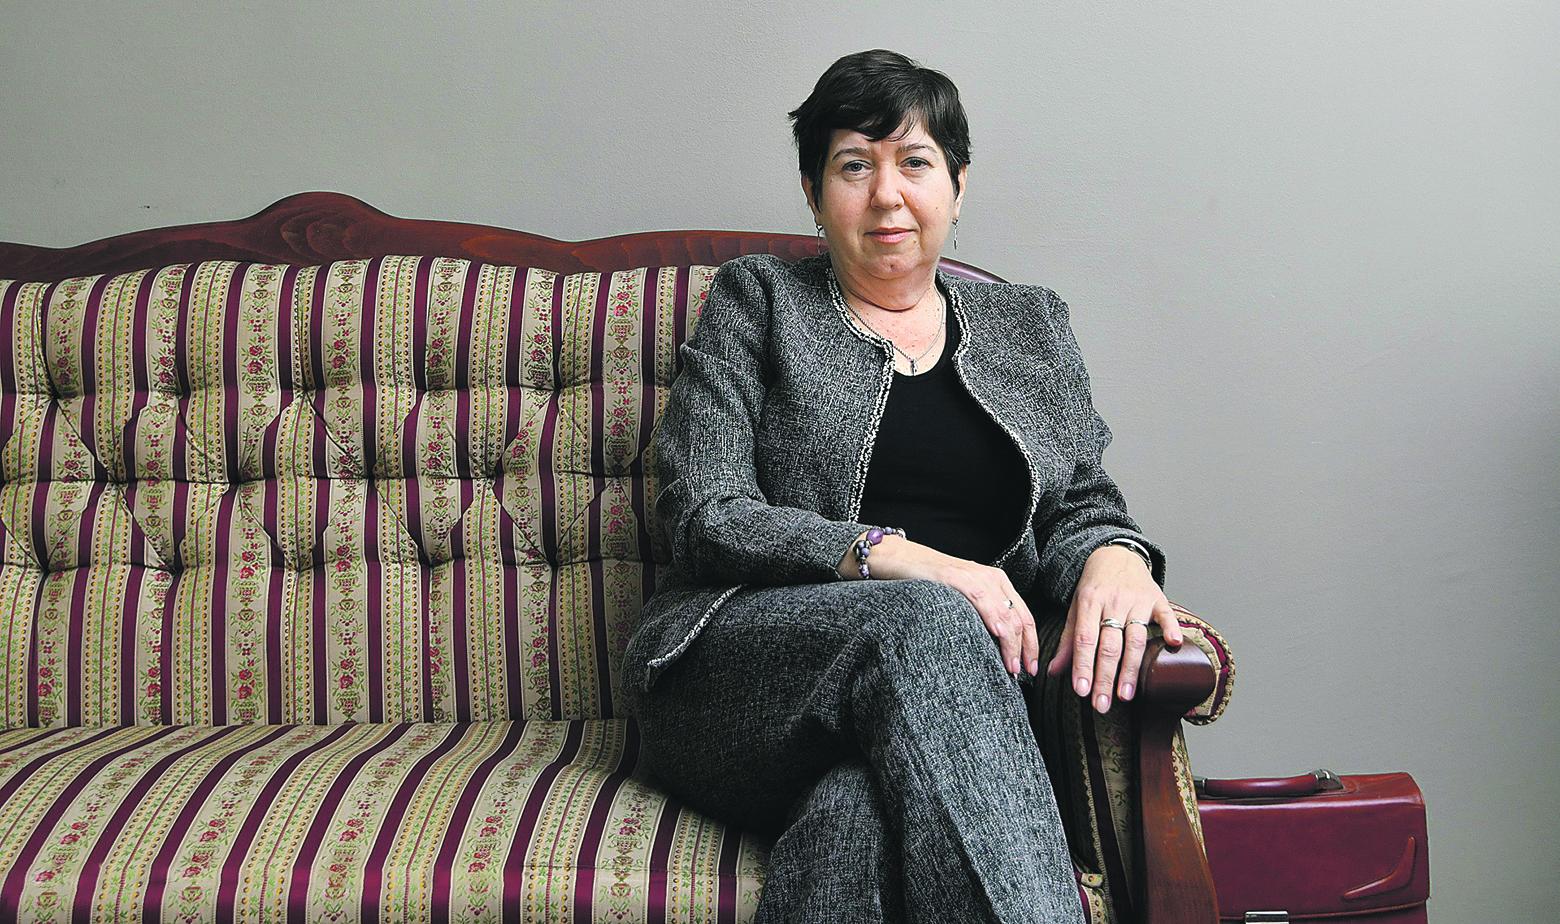 Danijela Balikić